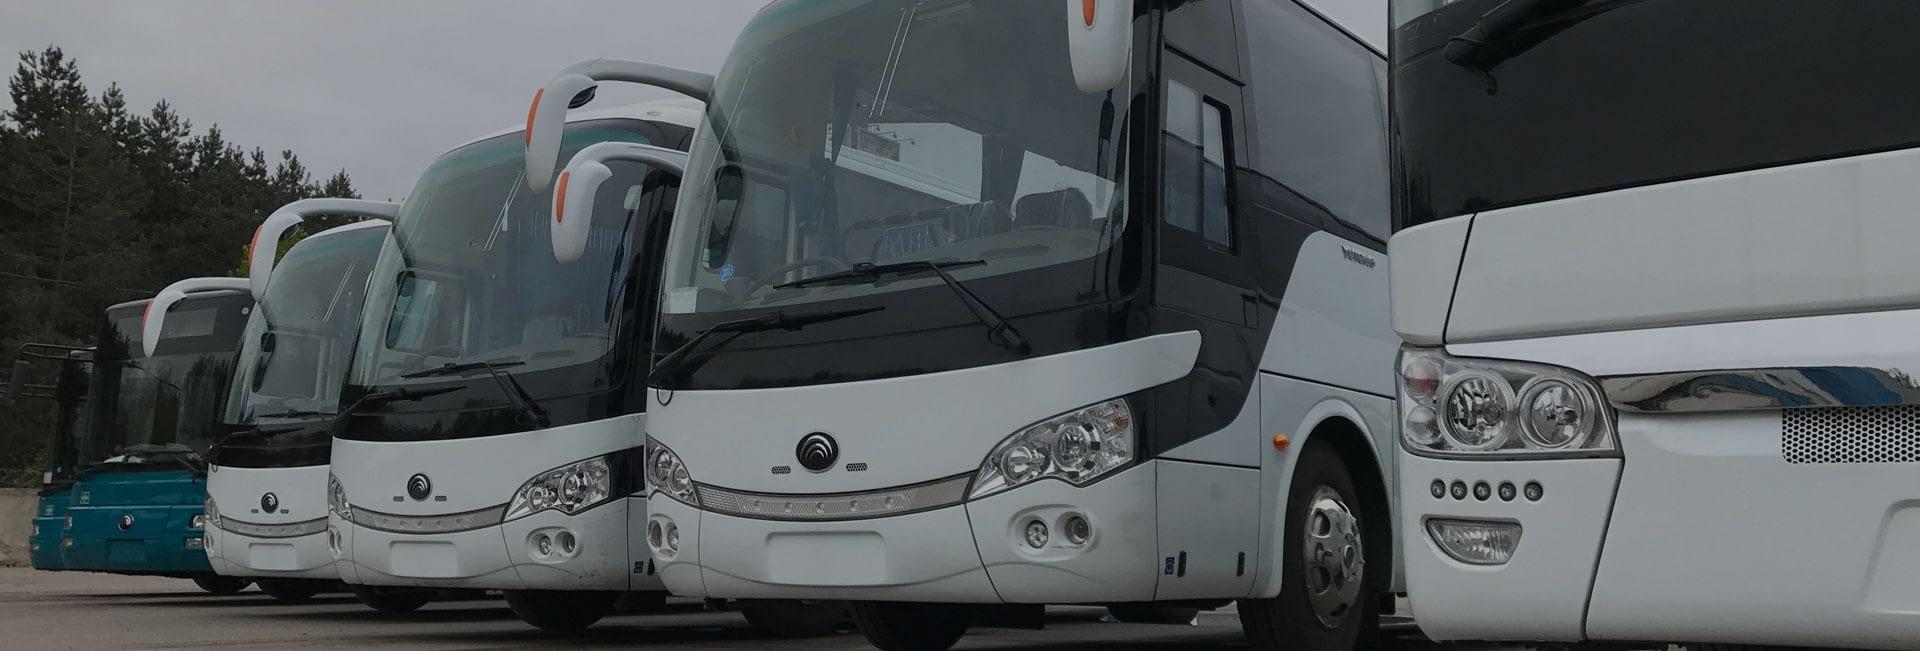 Пассажирские перевозки по Москве и МО